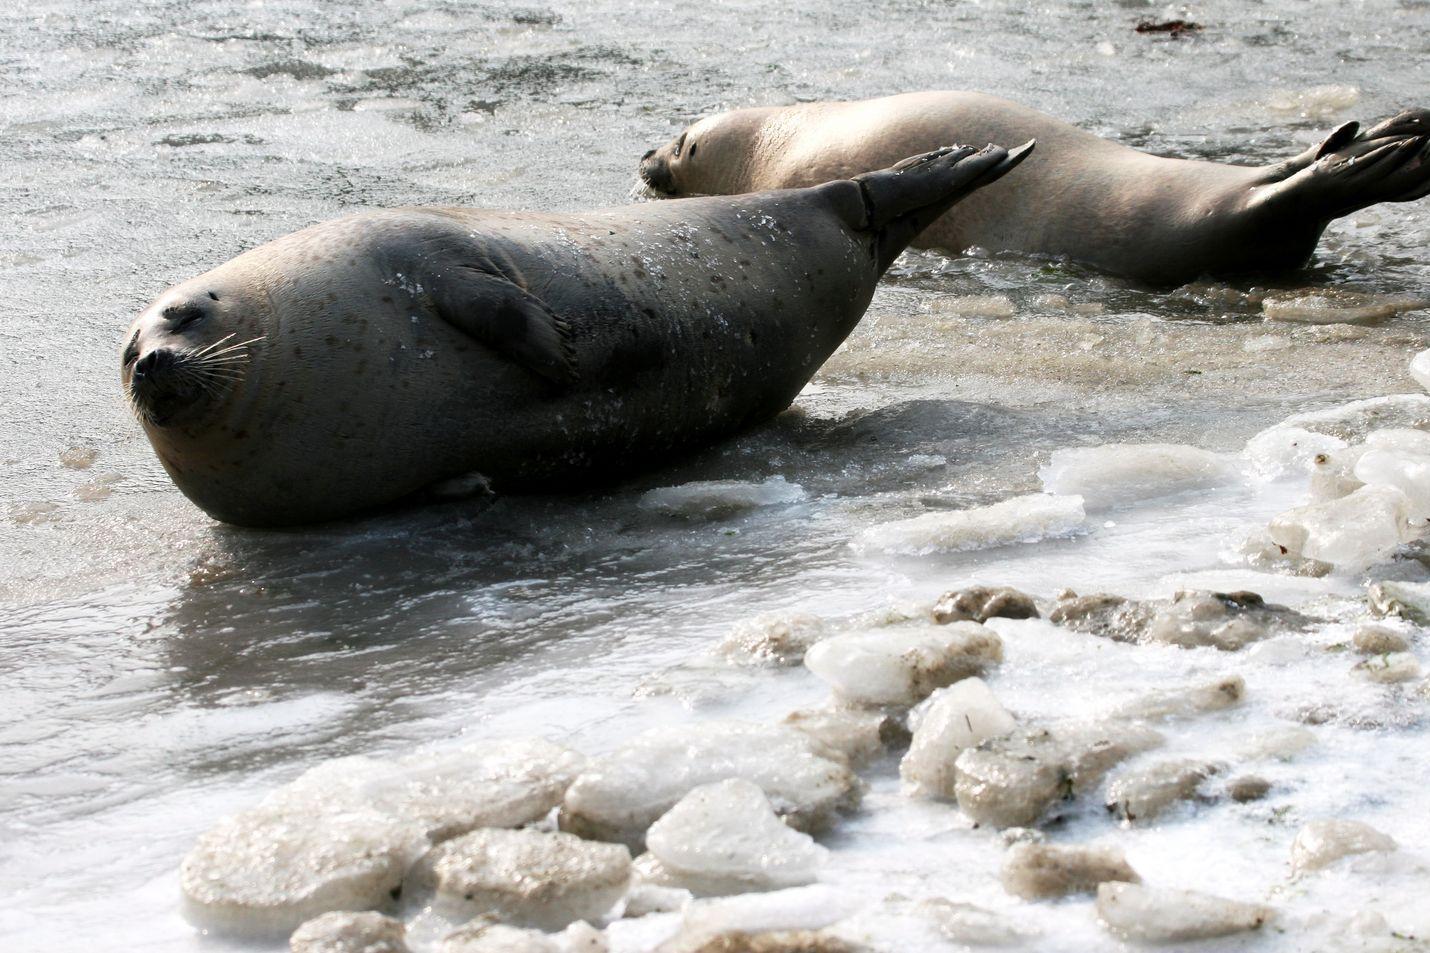 Jää on pohjoisille hylkeille elinehto. Kuvassa täplähylkeet paistattelevat päivää jäällä Kiinassa.